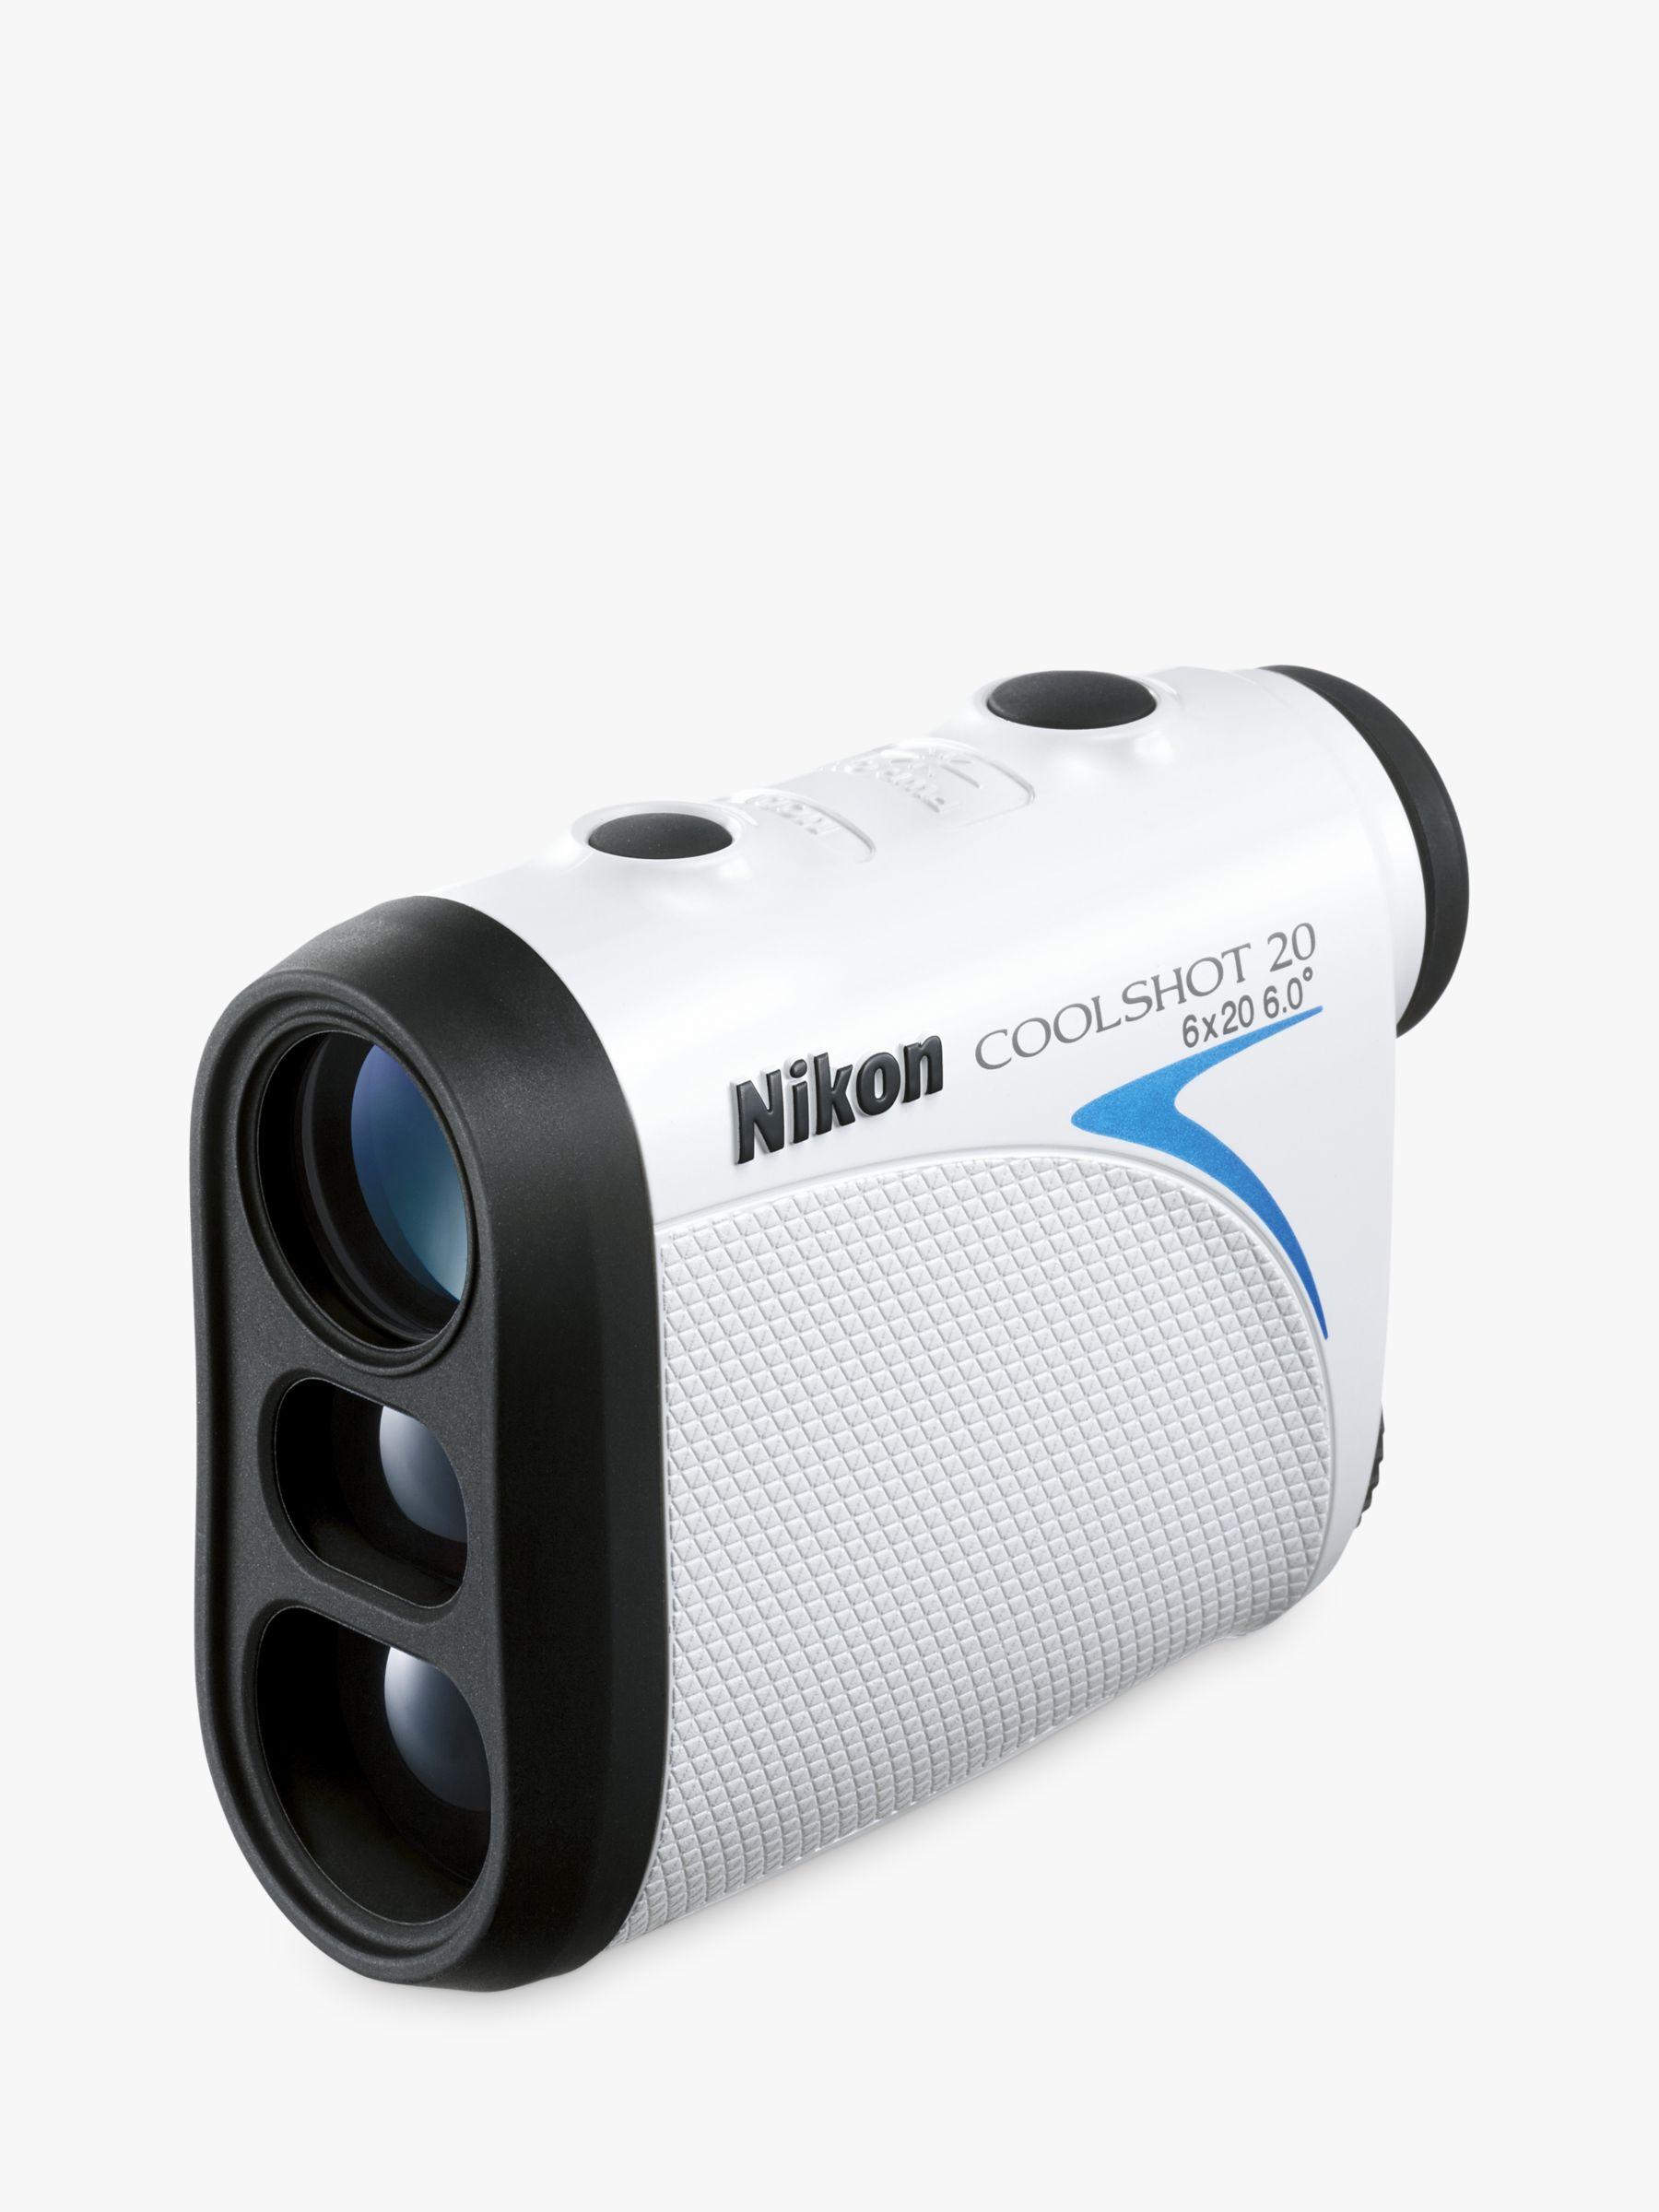 Nikon Nikon COOLSHOT 20 Laser Range Finder With 6-550 Yard Range